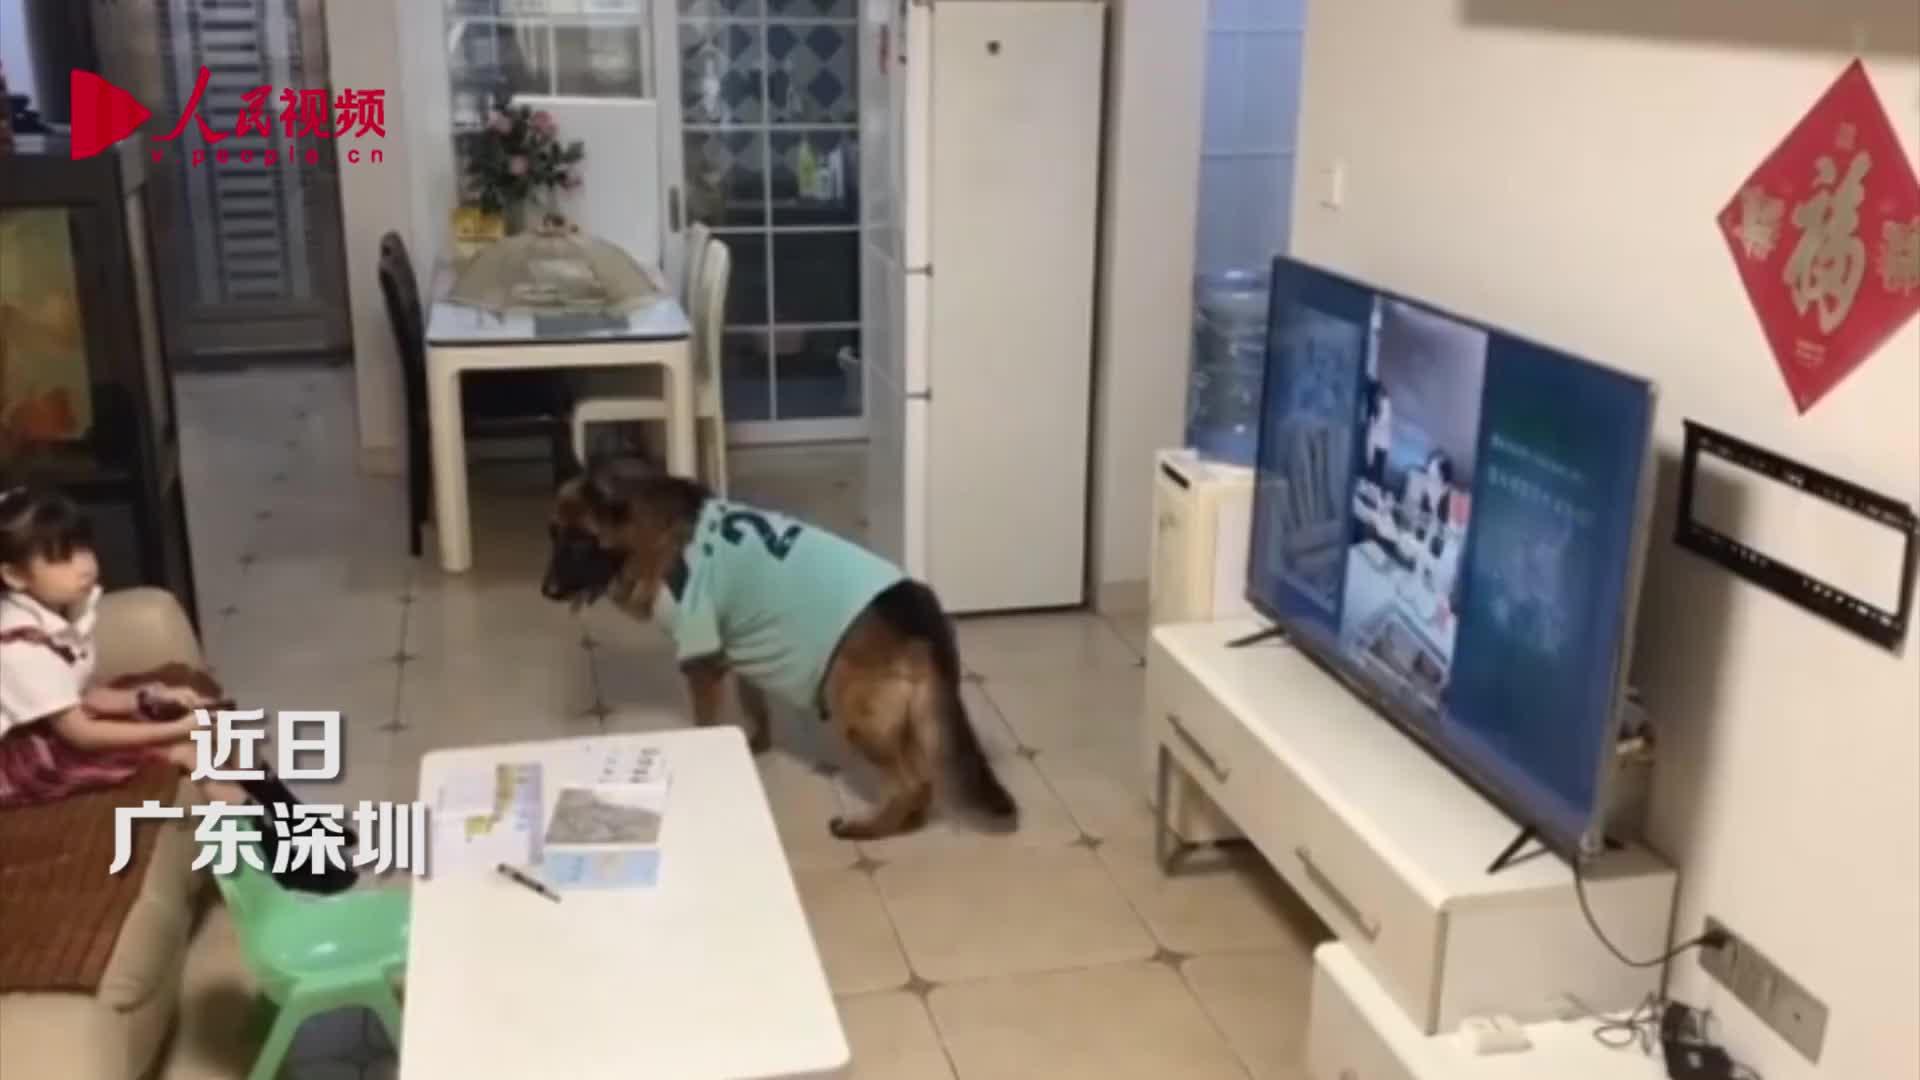 最佳拍档!狗狗帮看电视小主人打掩护